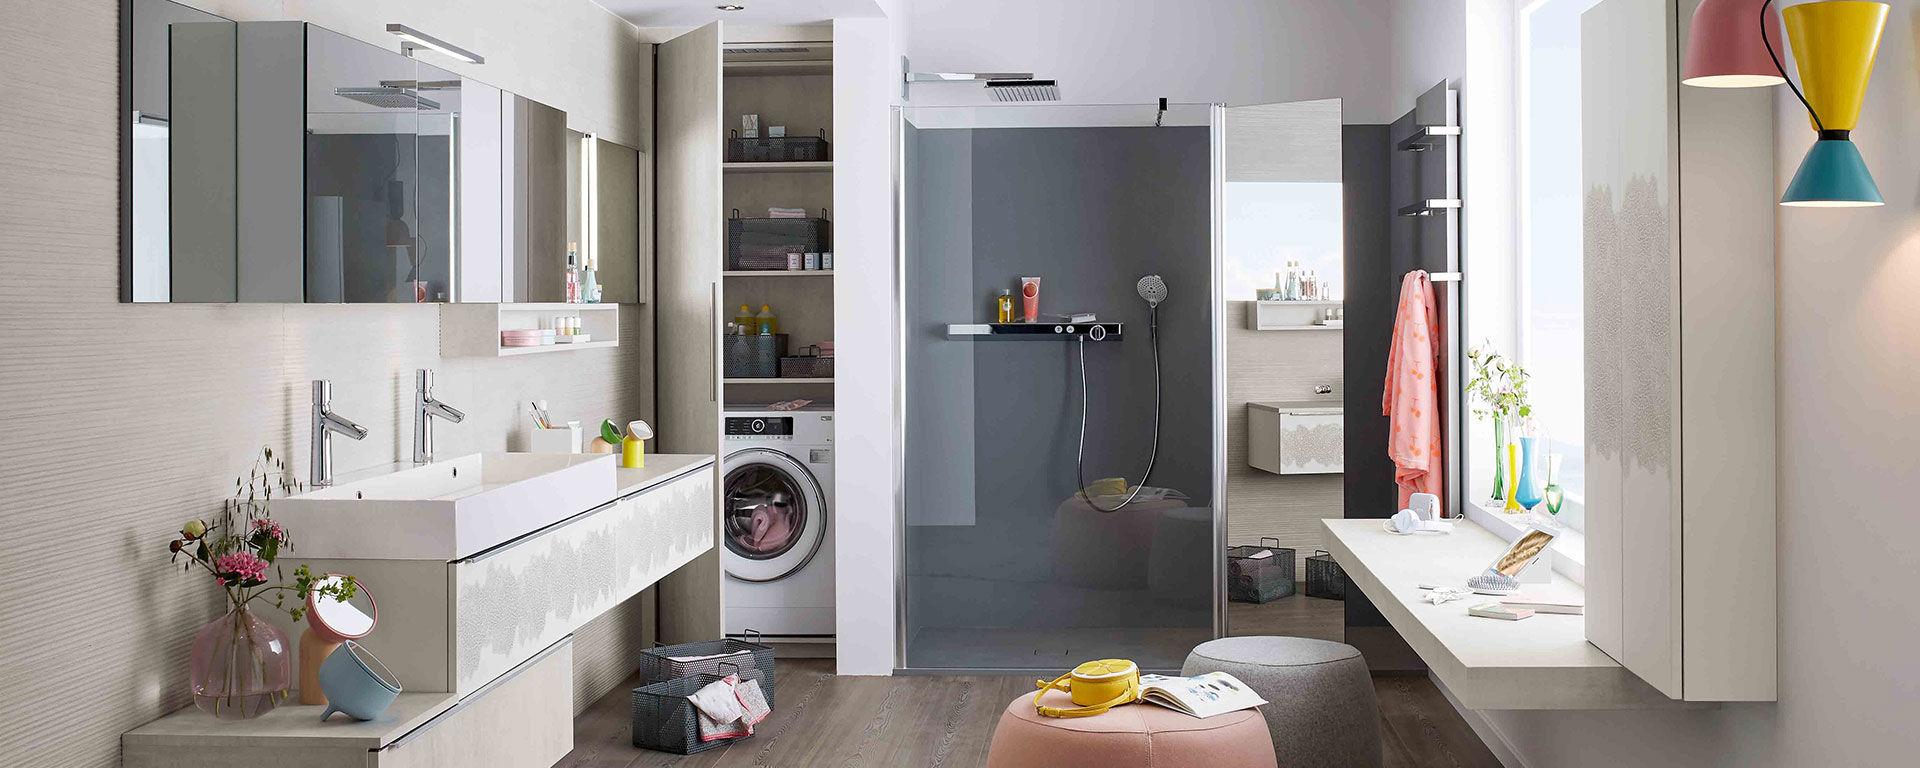 Salle De Bain Mobalpa Avis ~ salle de bain mobalpa catalogue meuble salle de bain mobalpa pour